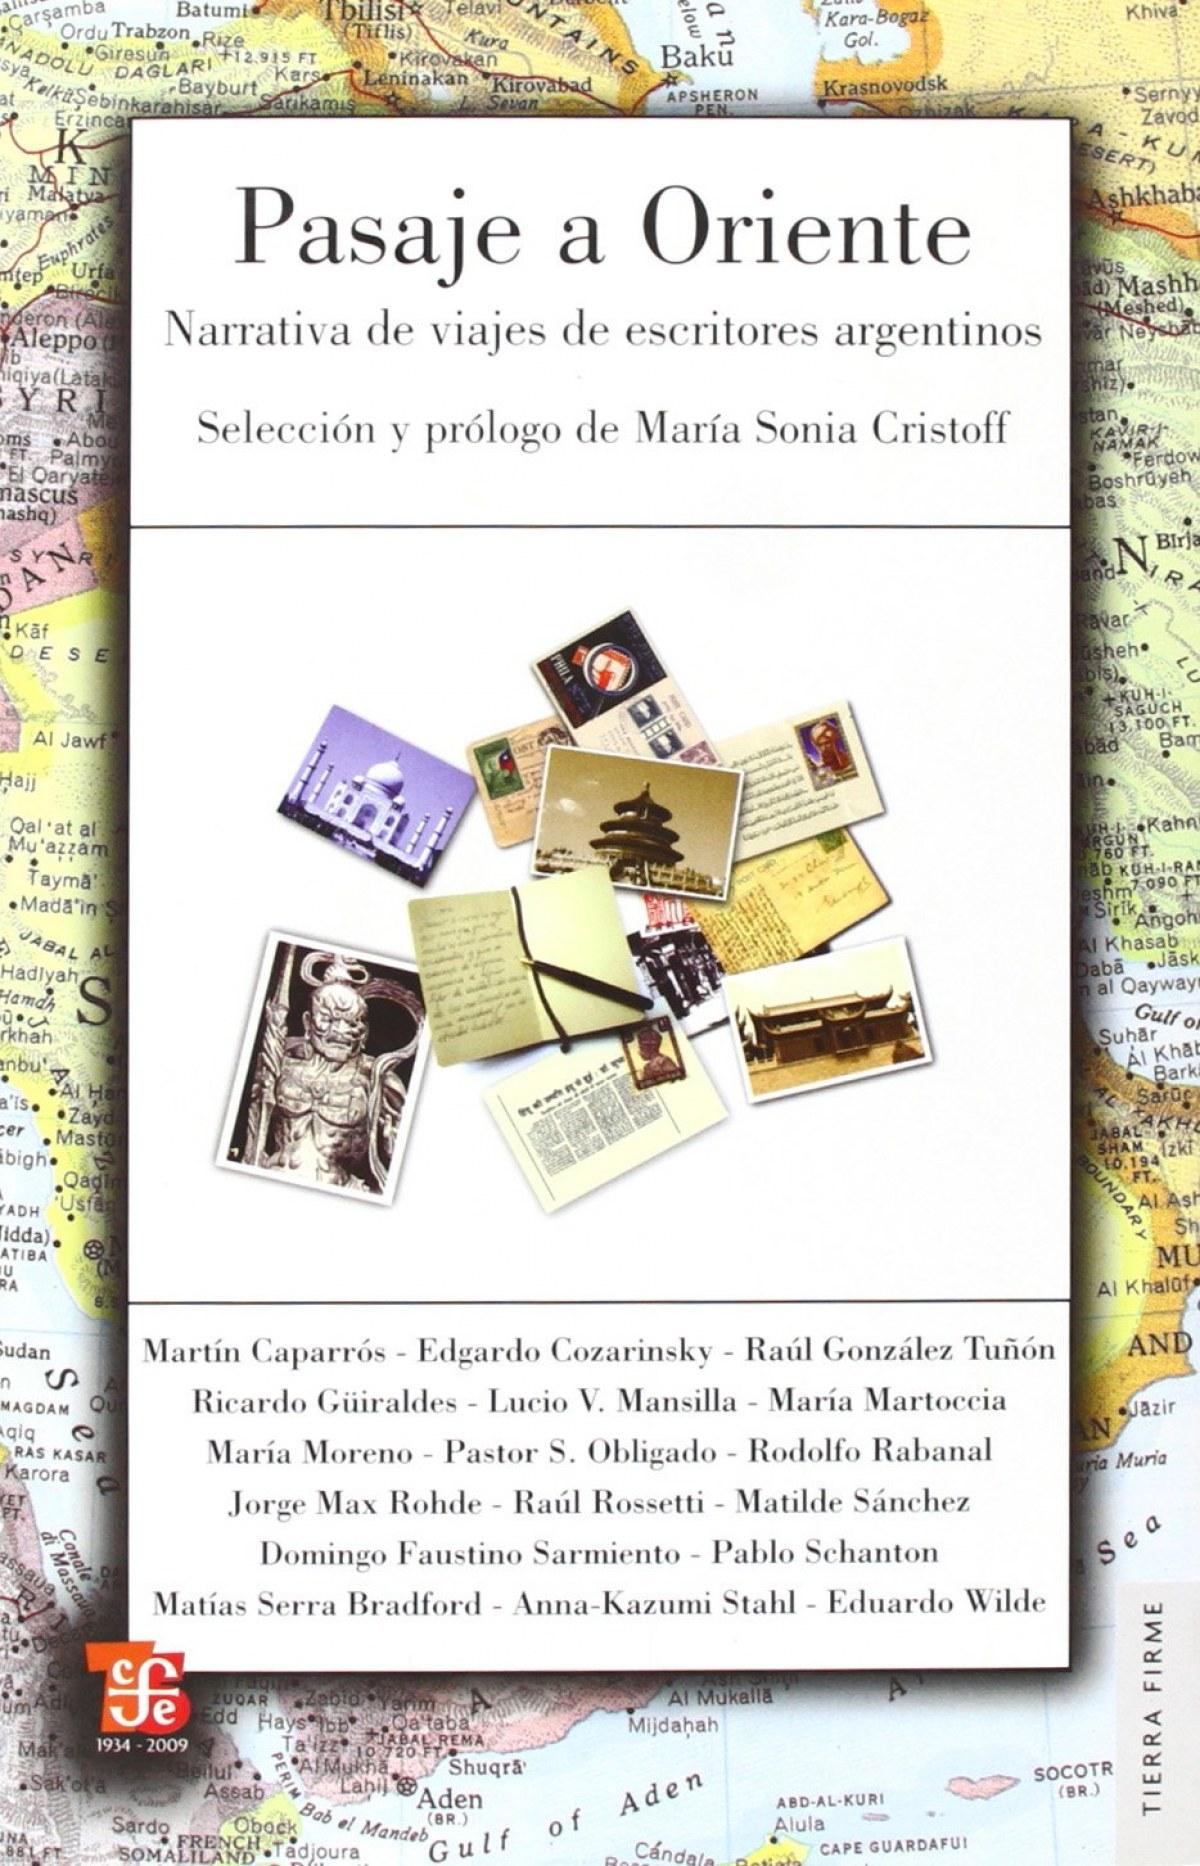 Pasaje a Oriente : Narrativa de viajes de escritores argentinos